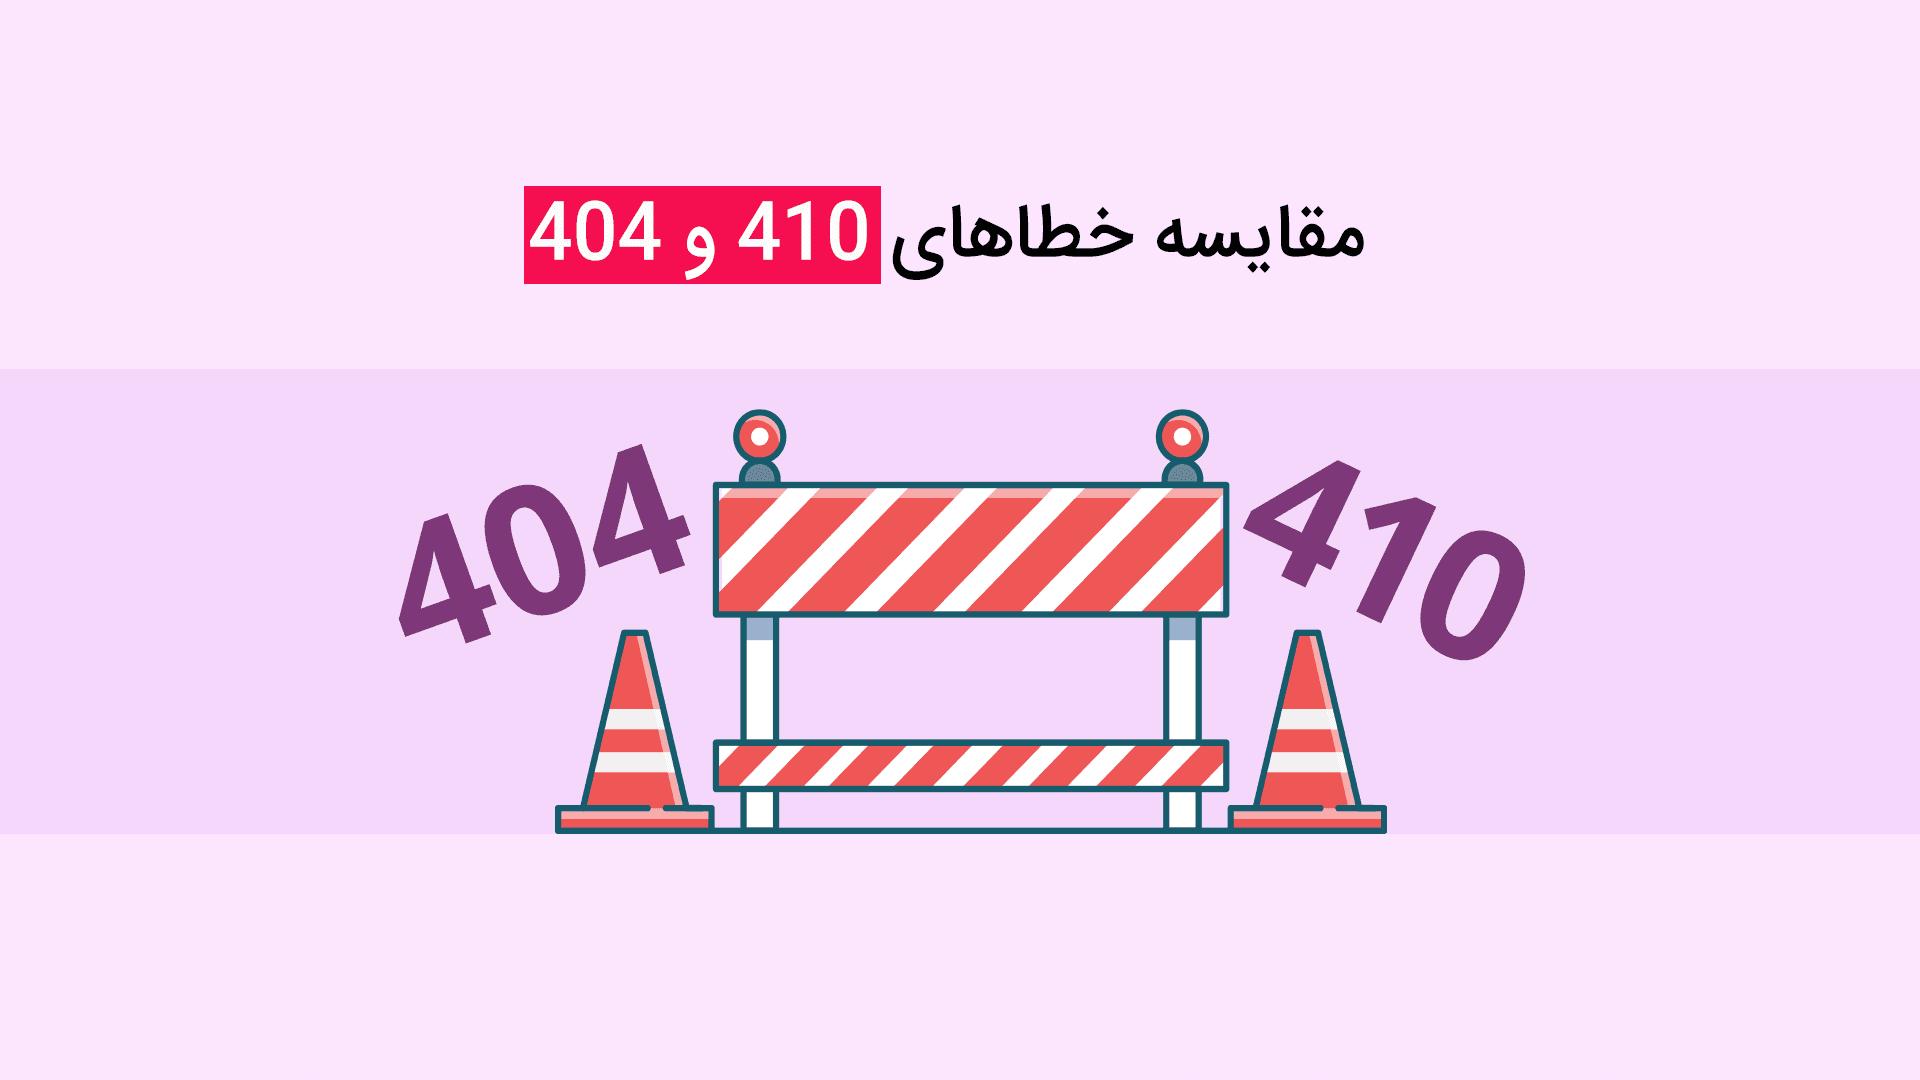 مقایسه خطاهای 410 و 404